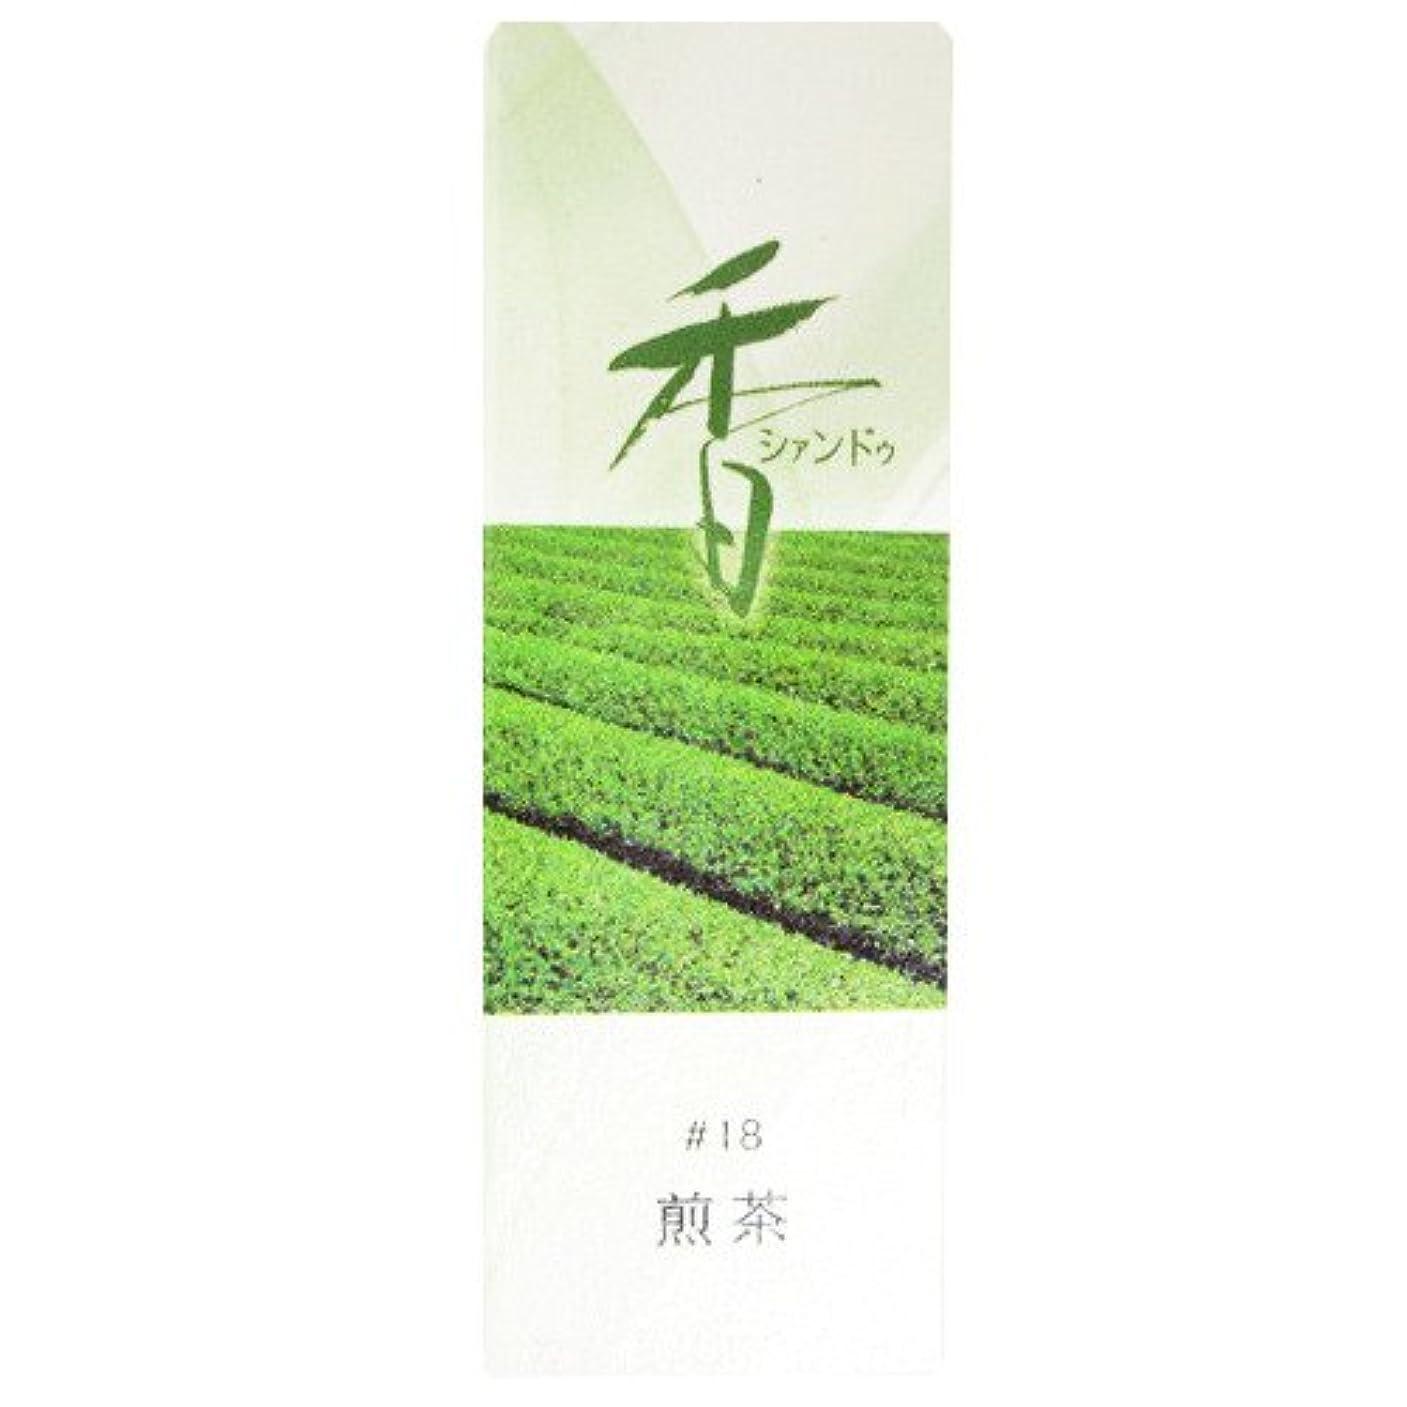 堂々たる強制的気晴らし松栄堂のお香 Xiang Do(シャンドゥ) 煎茶 ST20本入 簡易香立付 #214218